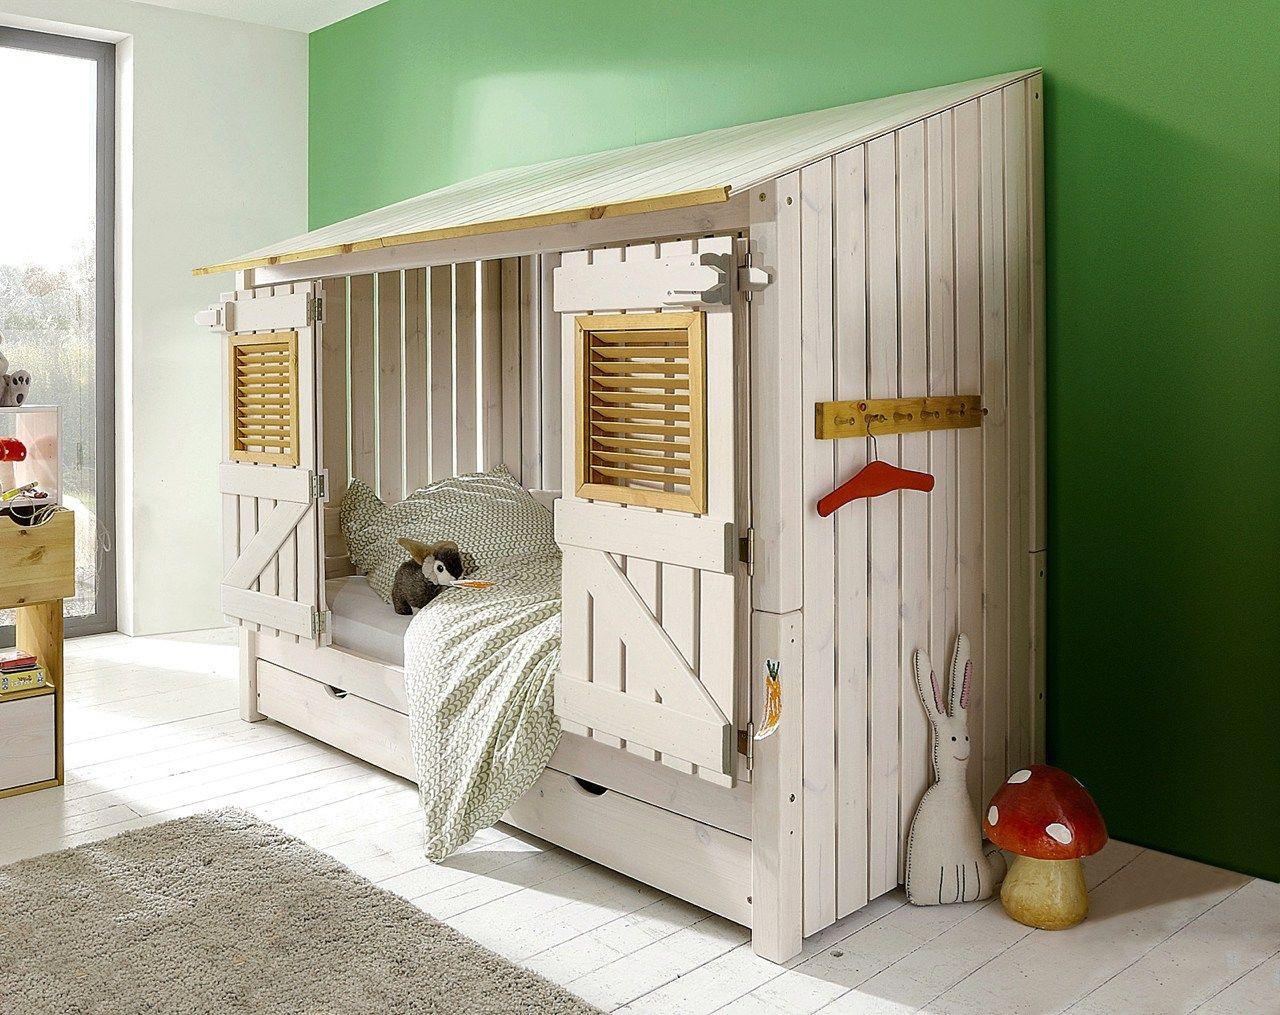 Außergewöhnliche Kinderbetten Inspiration fürs